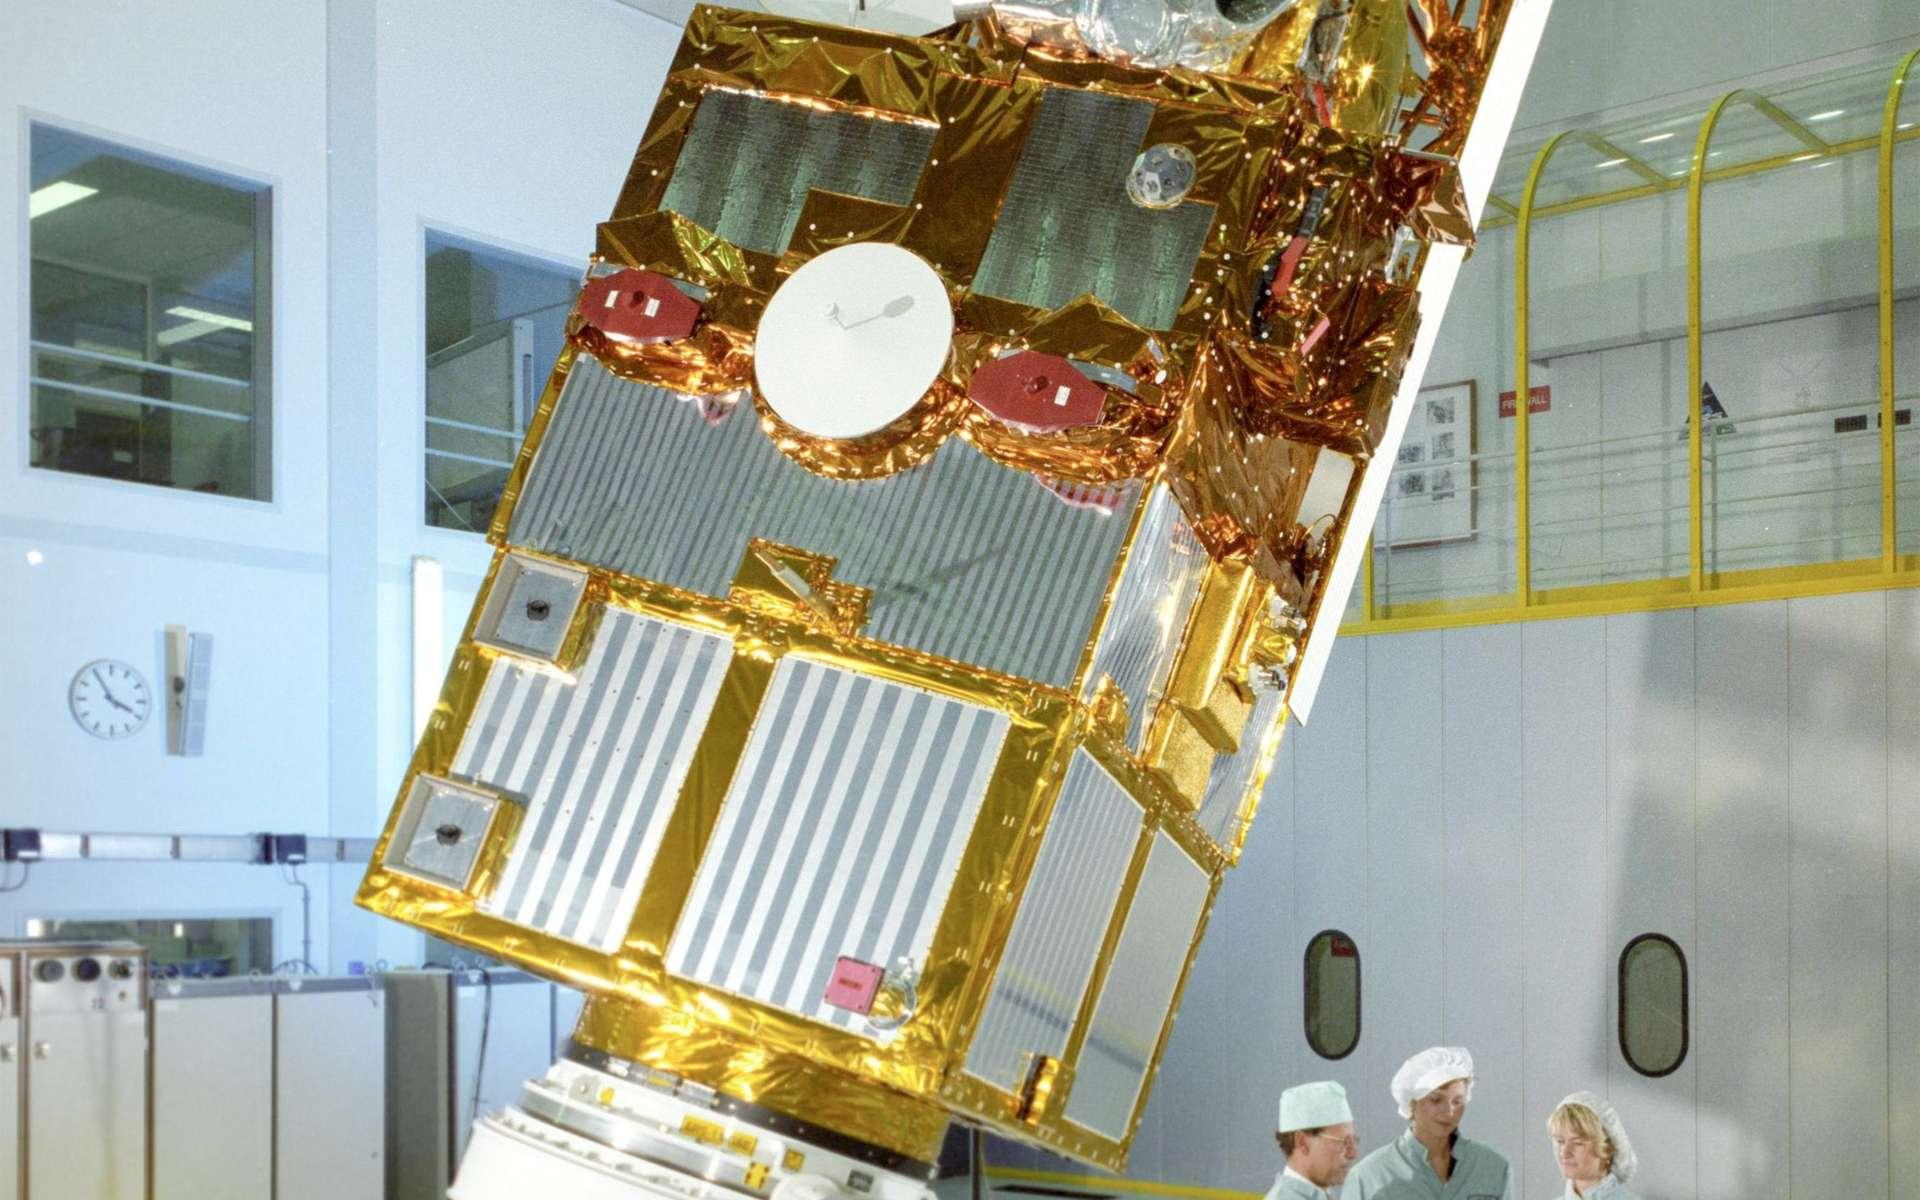 Tout a une fin. Après seize années de bons services, le satellite environnemental de l'Esa ERS-2 arrive en fin de vie. Pour éviter qu'il devienne un objet incontrôlable, l'Esa a décidé de le désorbiter pendant qu'il est encore temps ! © Esa